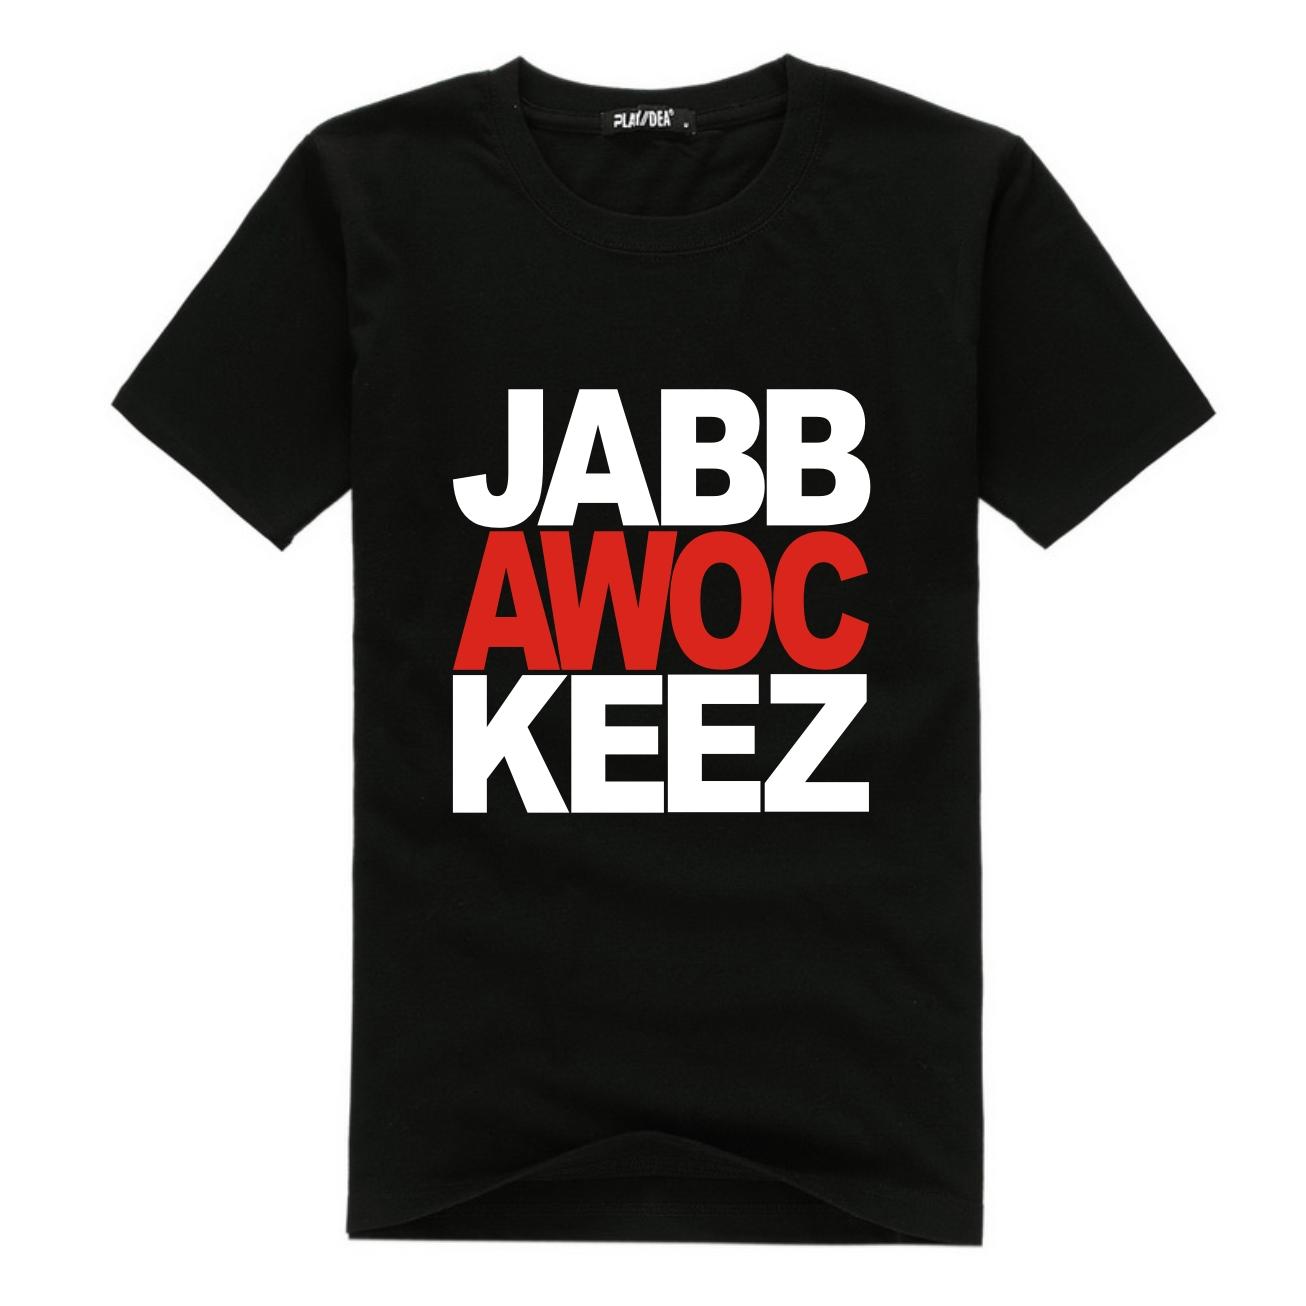 Hiphop hip- hop T -shirt Playidea 100% camisa de algodão de manga curta masculina jabbawockeez(China (Mainland))